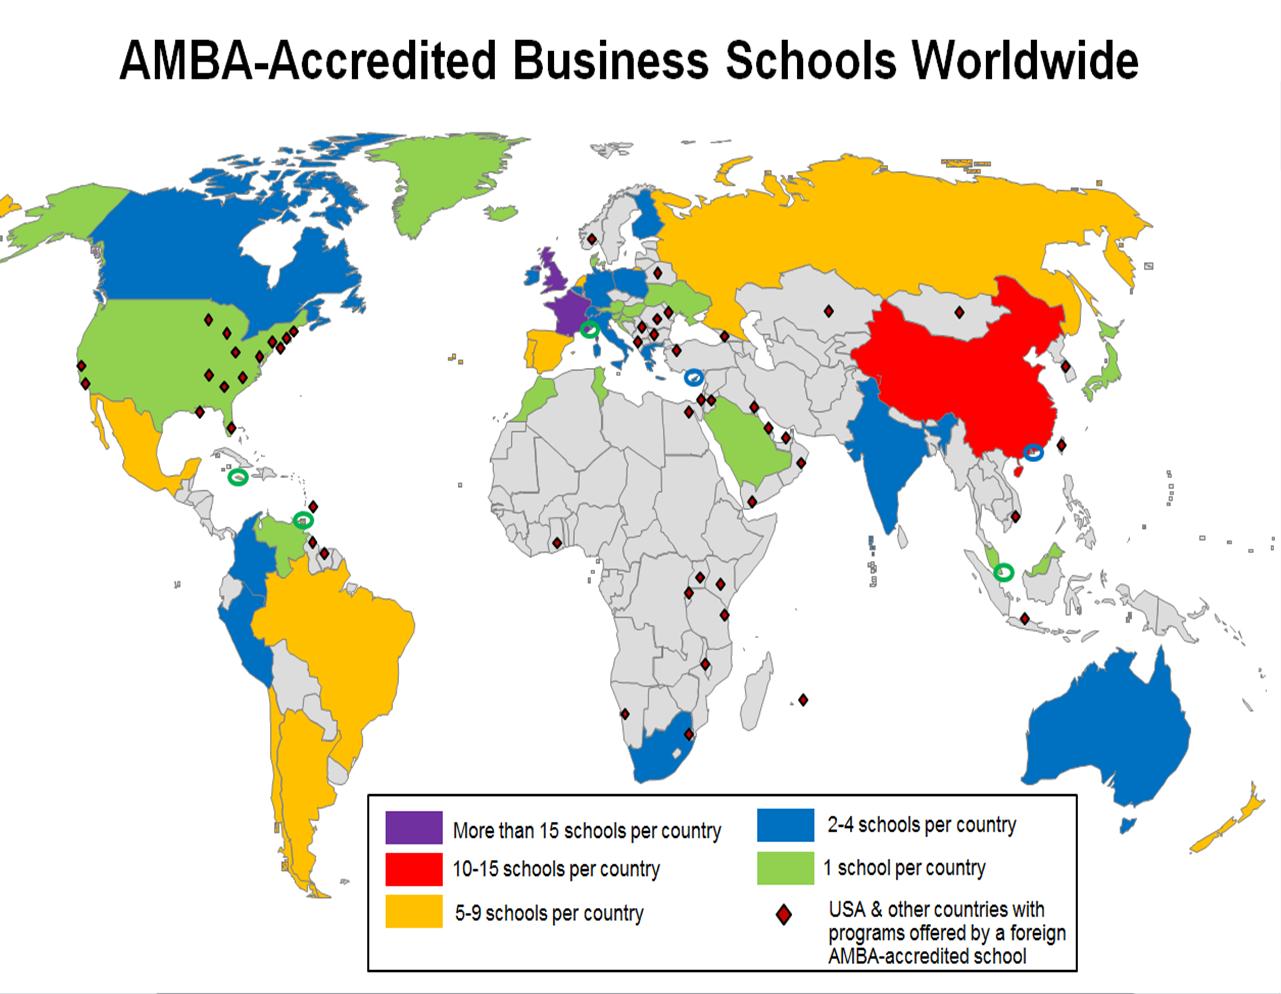 Fileworld map of amba accredited business schools by countryg fileworld map of amba accredited business schools by countryg gumiabroncs Image collections